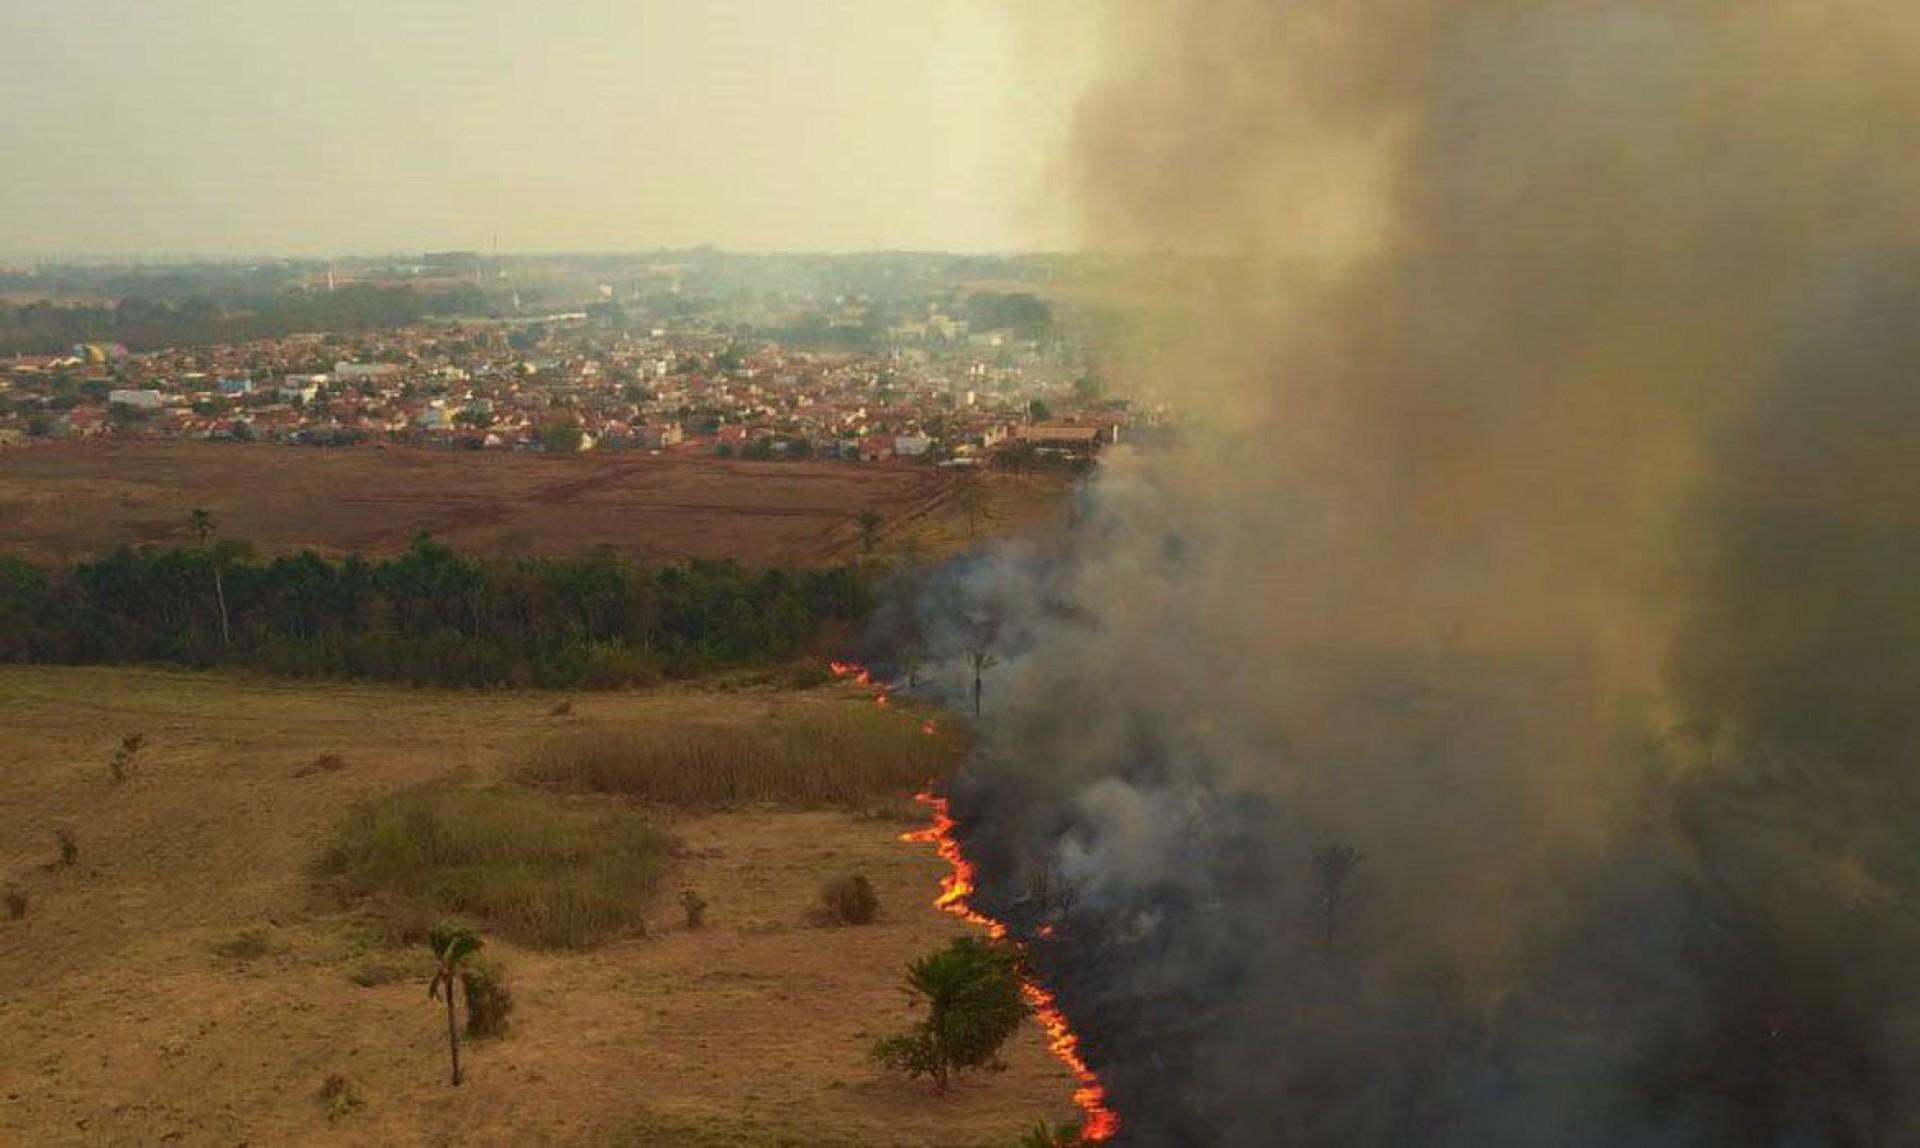 Mato Gosso MT 13 09 2020-Incêndio no Pantanal A Delegacia de Meio Ambiente (Dema) apura quem são os possíveis responsáveis pelos focos de incêndio, que deram início a grandes queimadas no Pantanal. As cinco perícias realizadas pelo Centro Integrado Multiagências de Coordenação Operacional (Ciman-MT) apontaram ação humana como causa da origem das queimadas na região foto Mayke Toscano/Secom-MT (Foto: 12.09 2020/Mayke Toscano/Secom-MT)